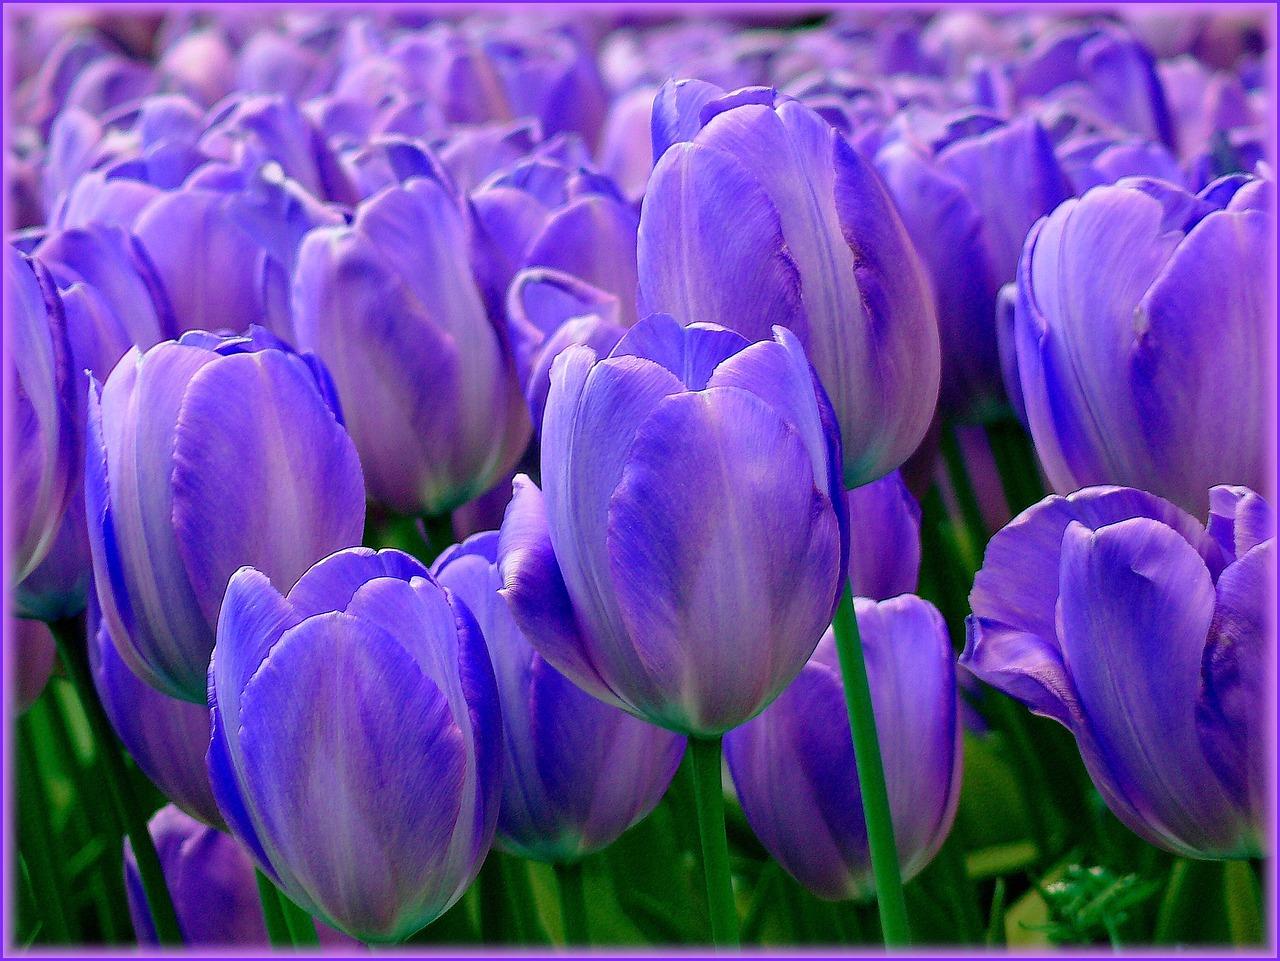 синий тюльпаны фото смотреть новые лоты запросу